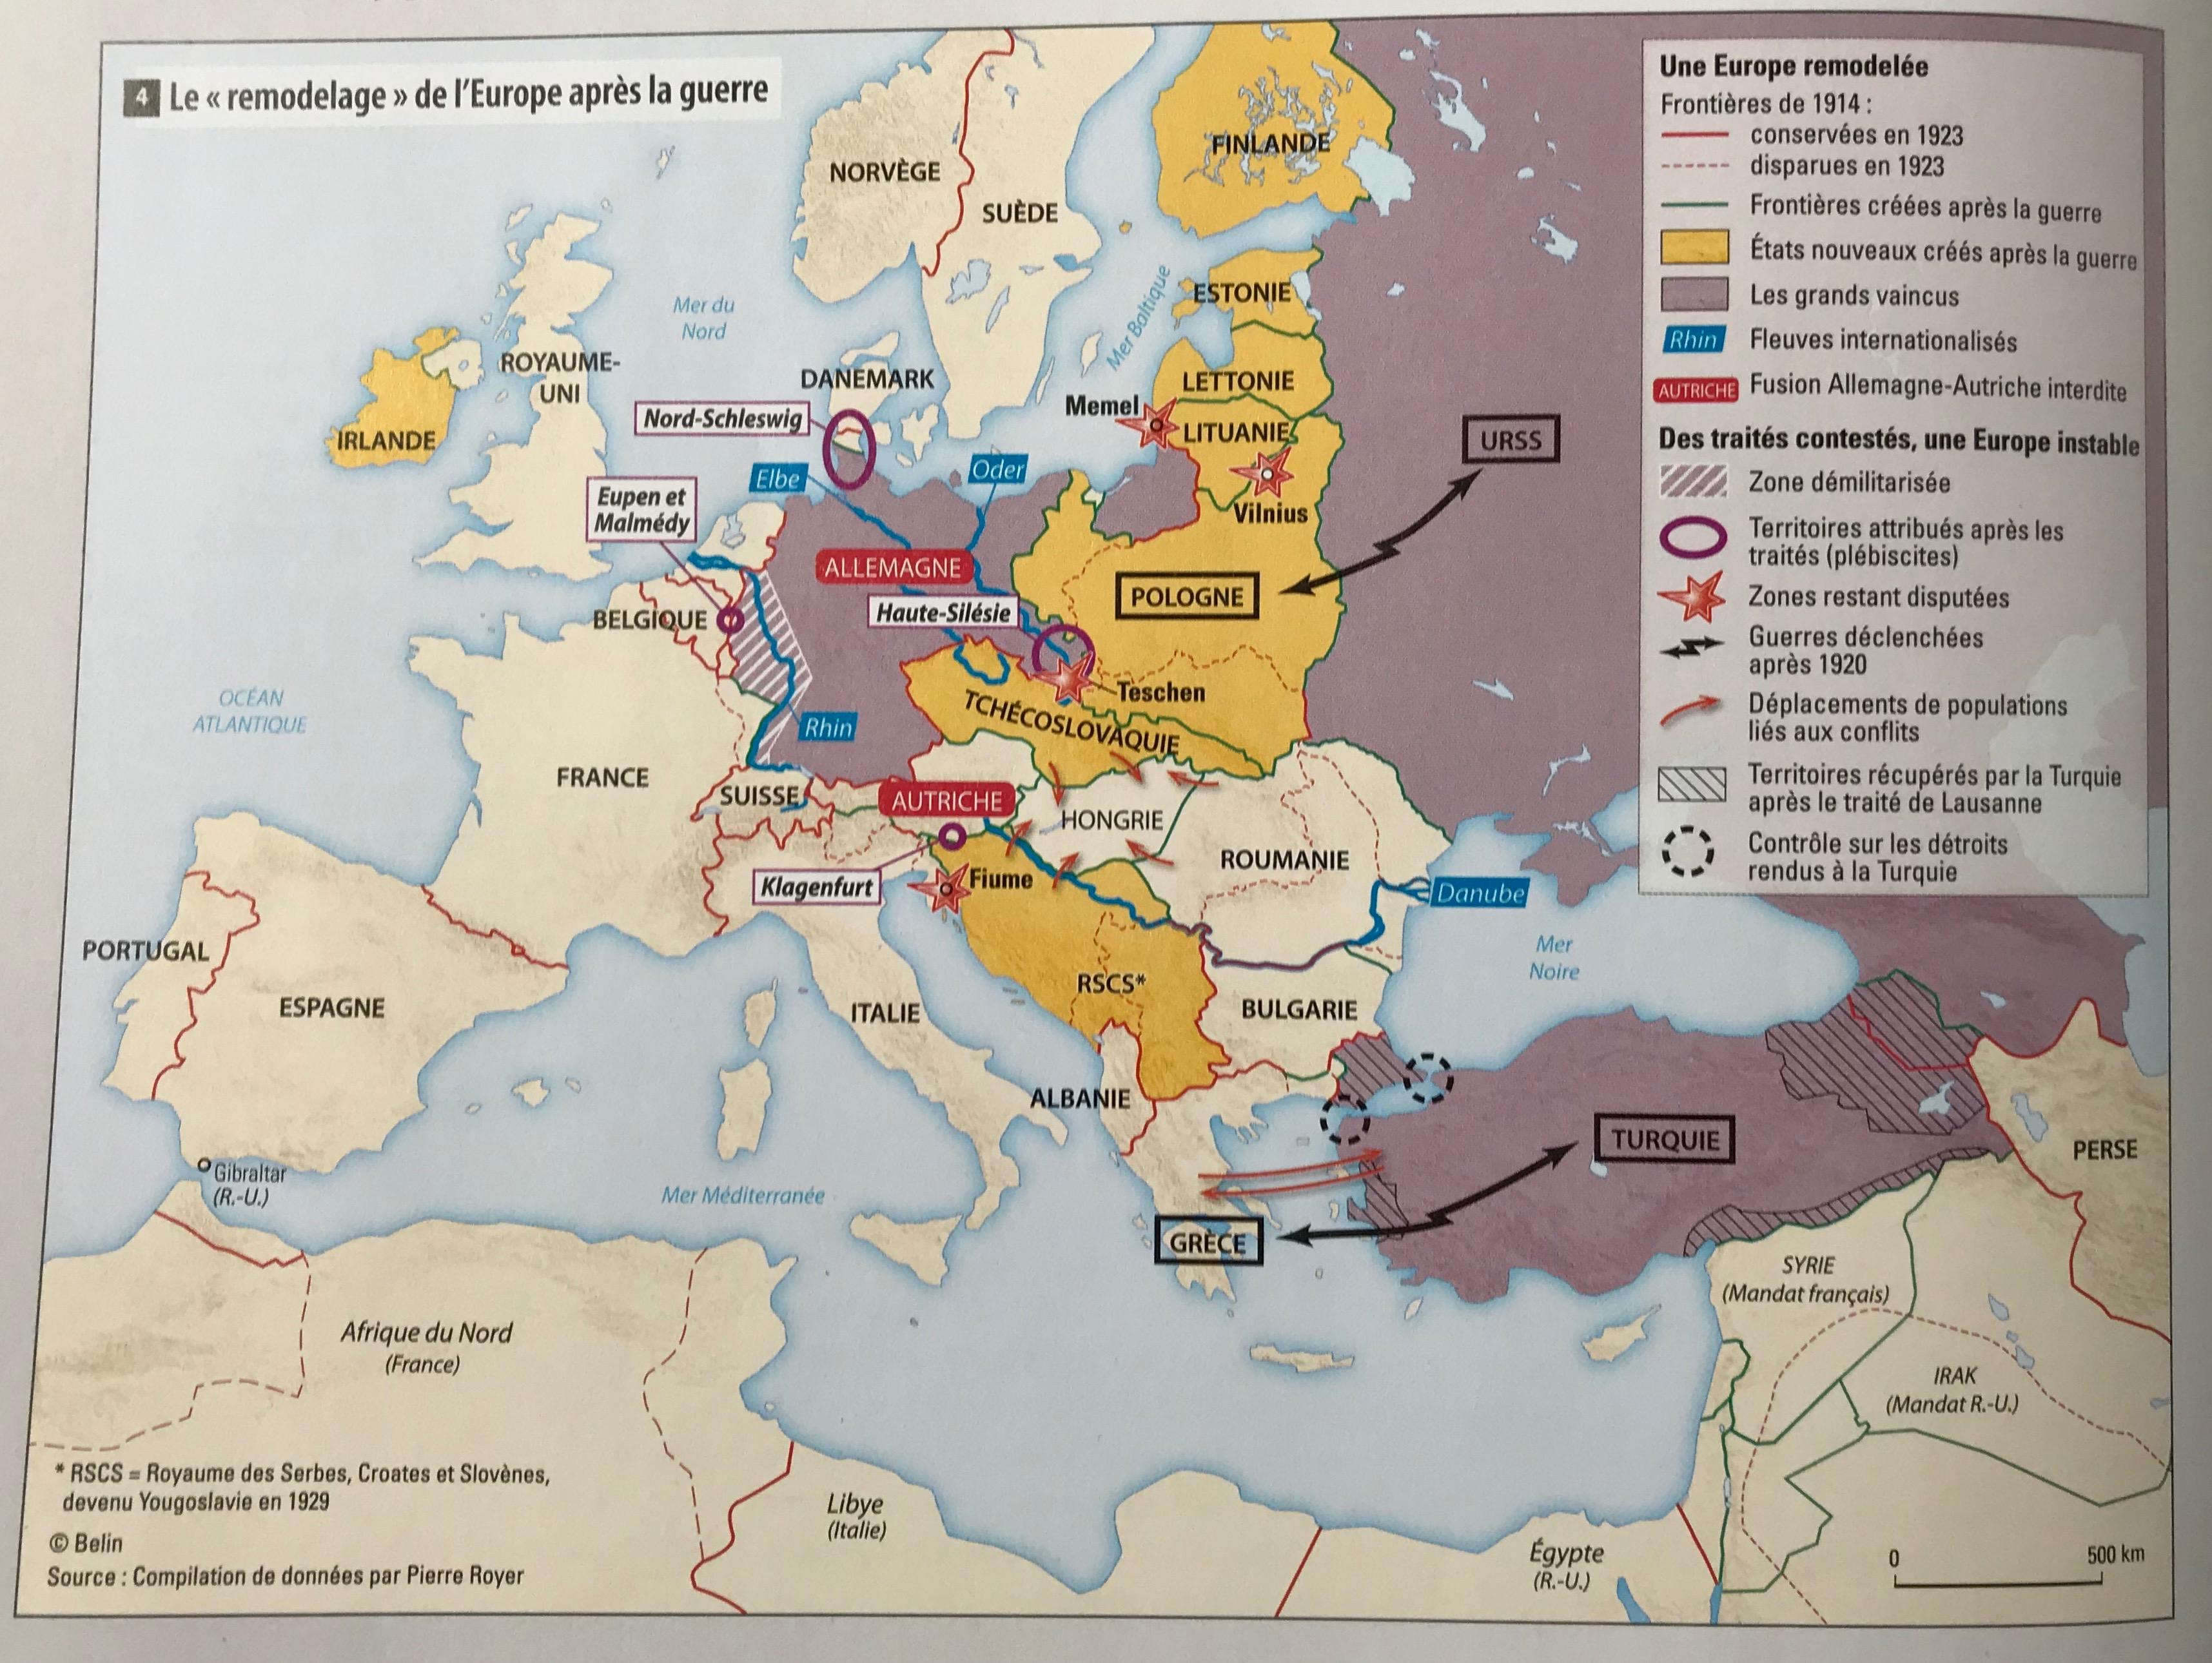 Carte De Leurope Apres La Premiere Guerre Mondiale.Blog Histoire Geo Page 181 D Un Cote Alexandre Dumas